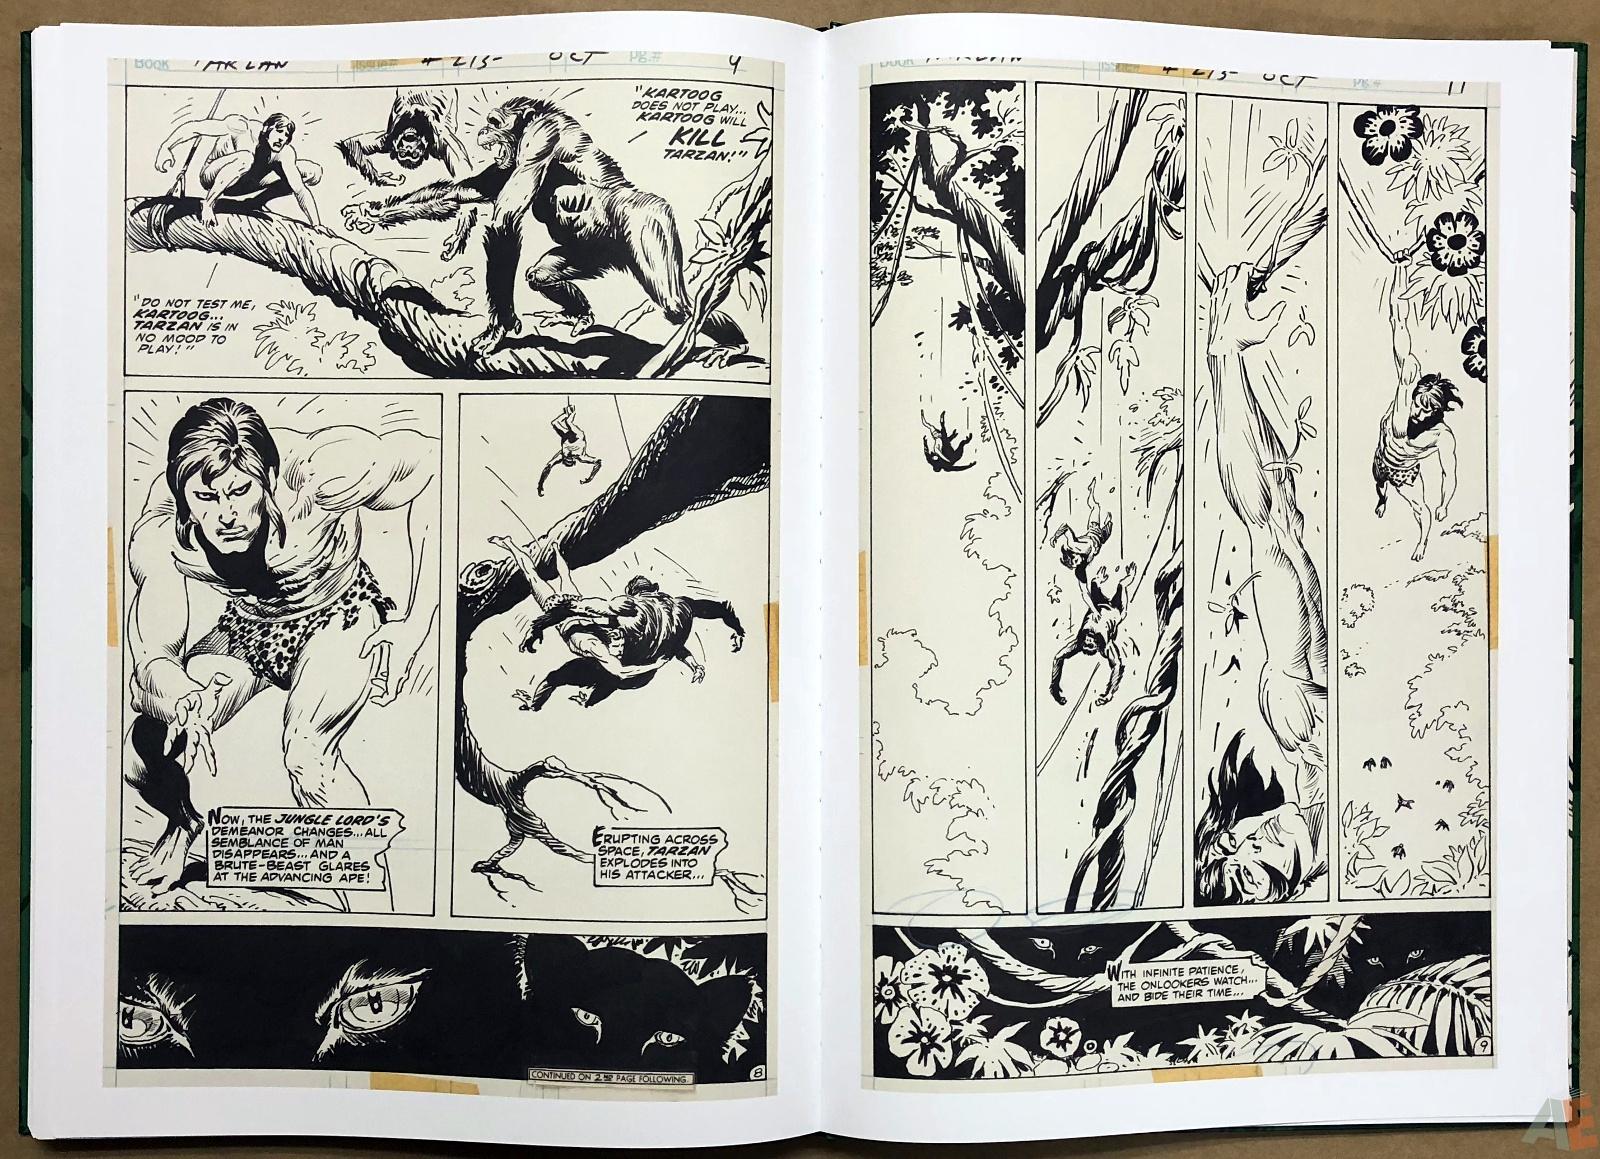 Joe Kubert's Tarzan of the Apes Artist's Edition 44